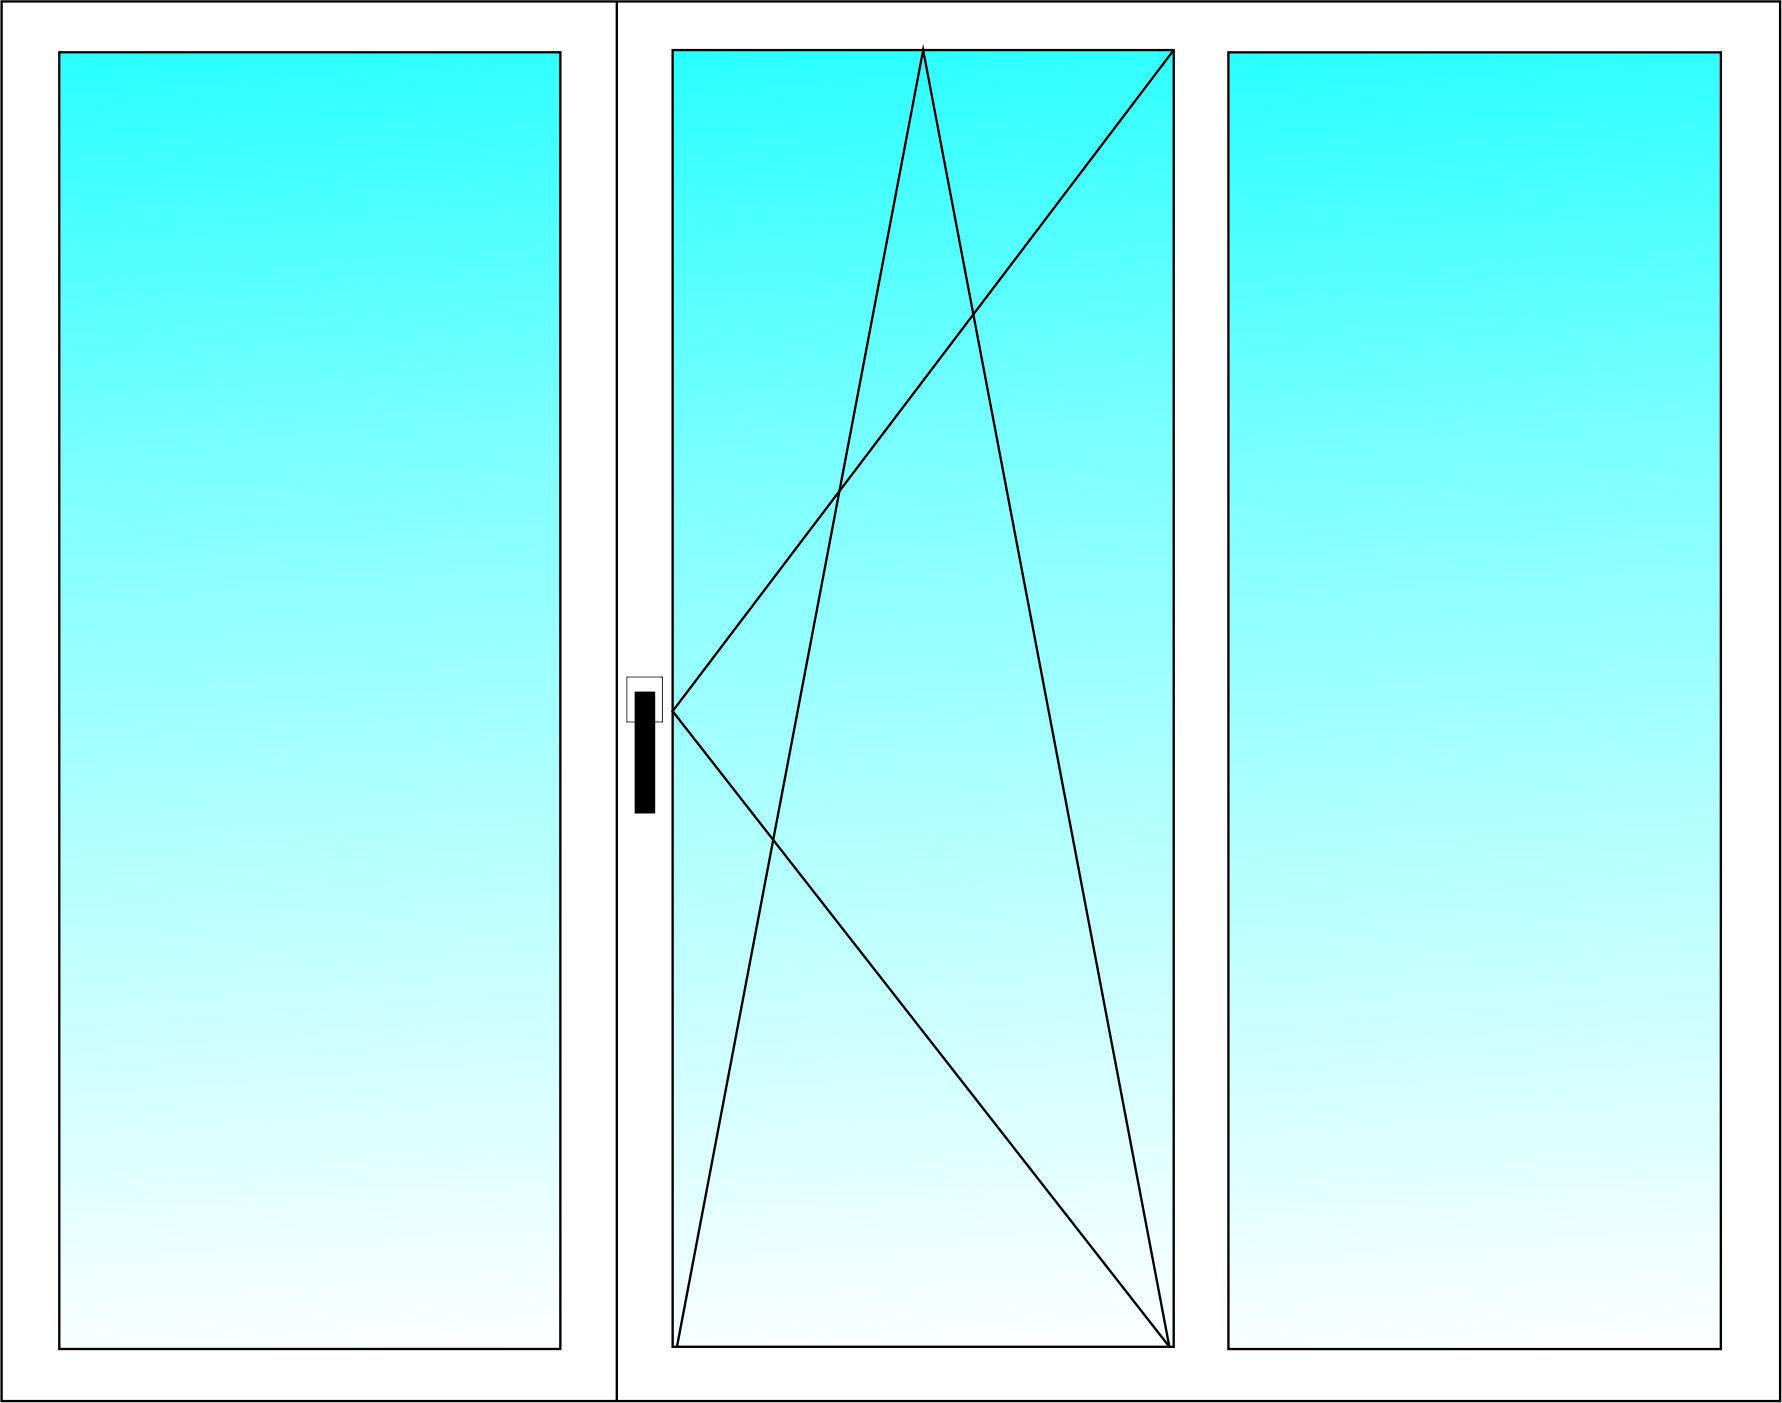 Окно трёхстворчатое WDS 300 3-х камерный профиль с однокамерным энергосберегающим стеклопакетом 1350х2000 мм